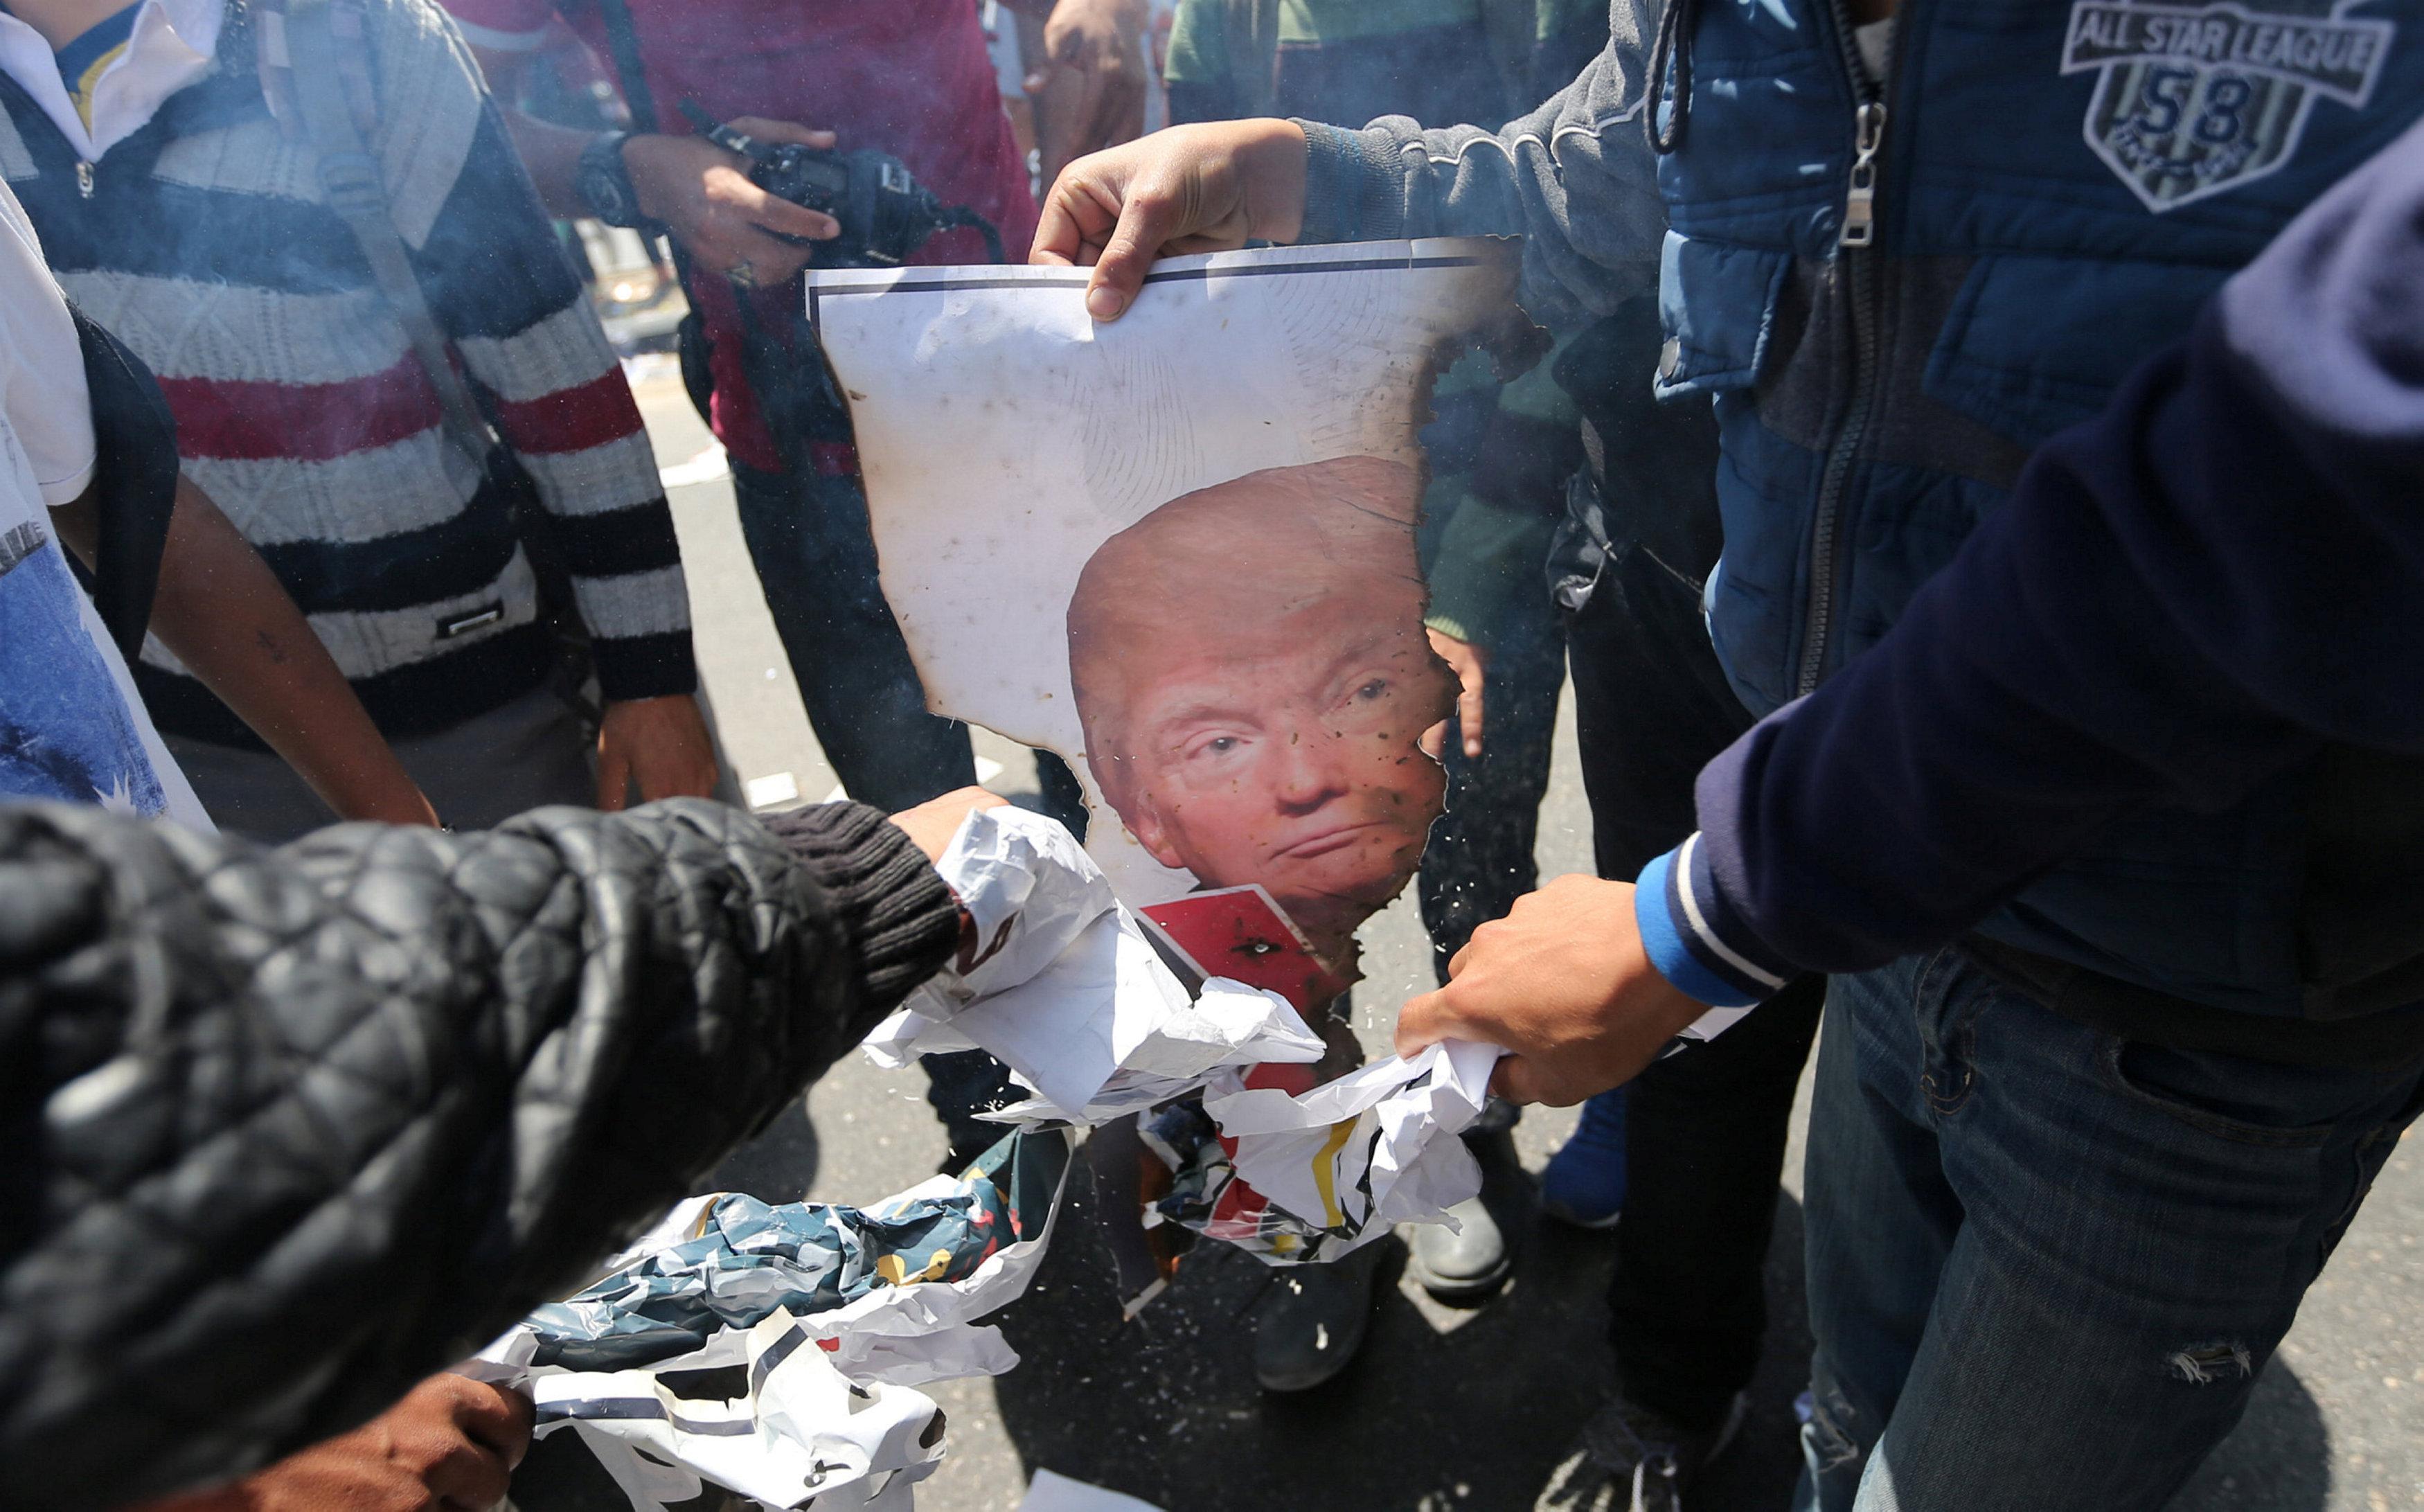 شباب فلسطنييون يحرقون صورة الرئيس الأمريكي